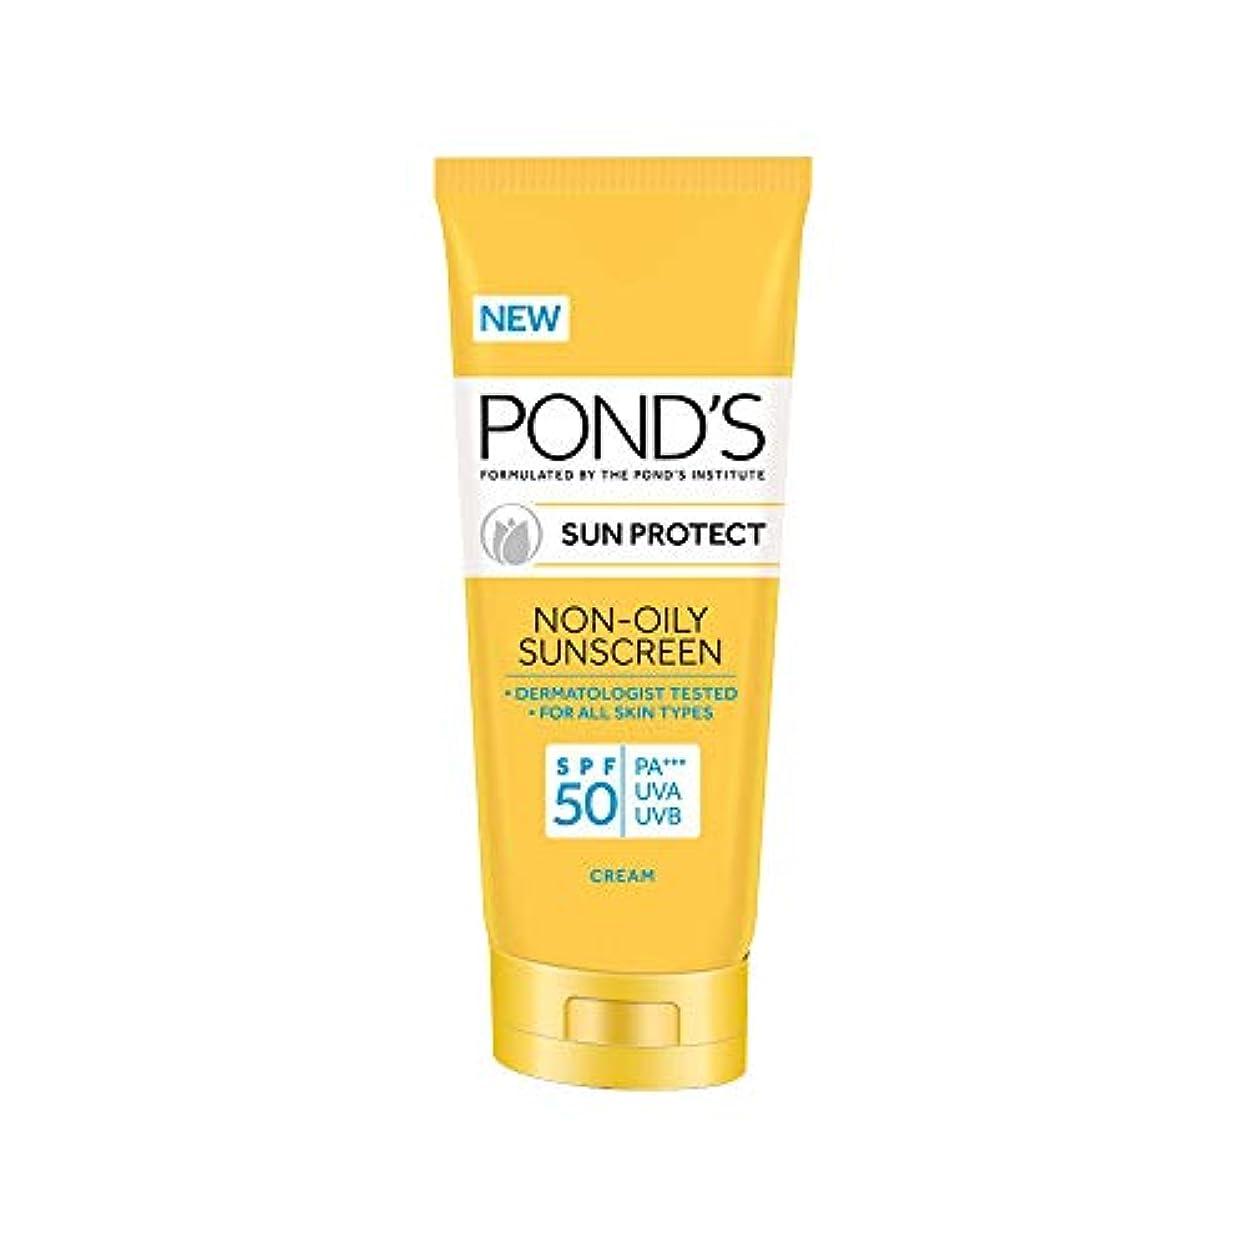 分離するフレームワーク扱いやすいPOND'S SPF 50 Sun Protect Non-Oily Sunscreen, 35 g